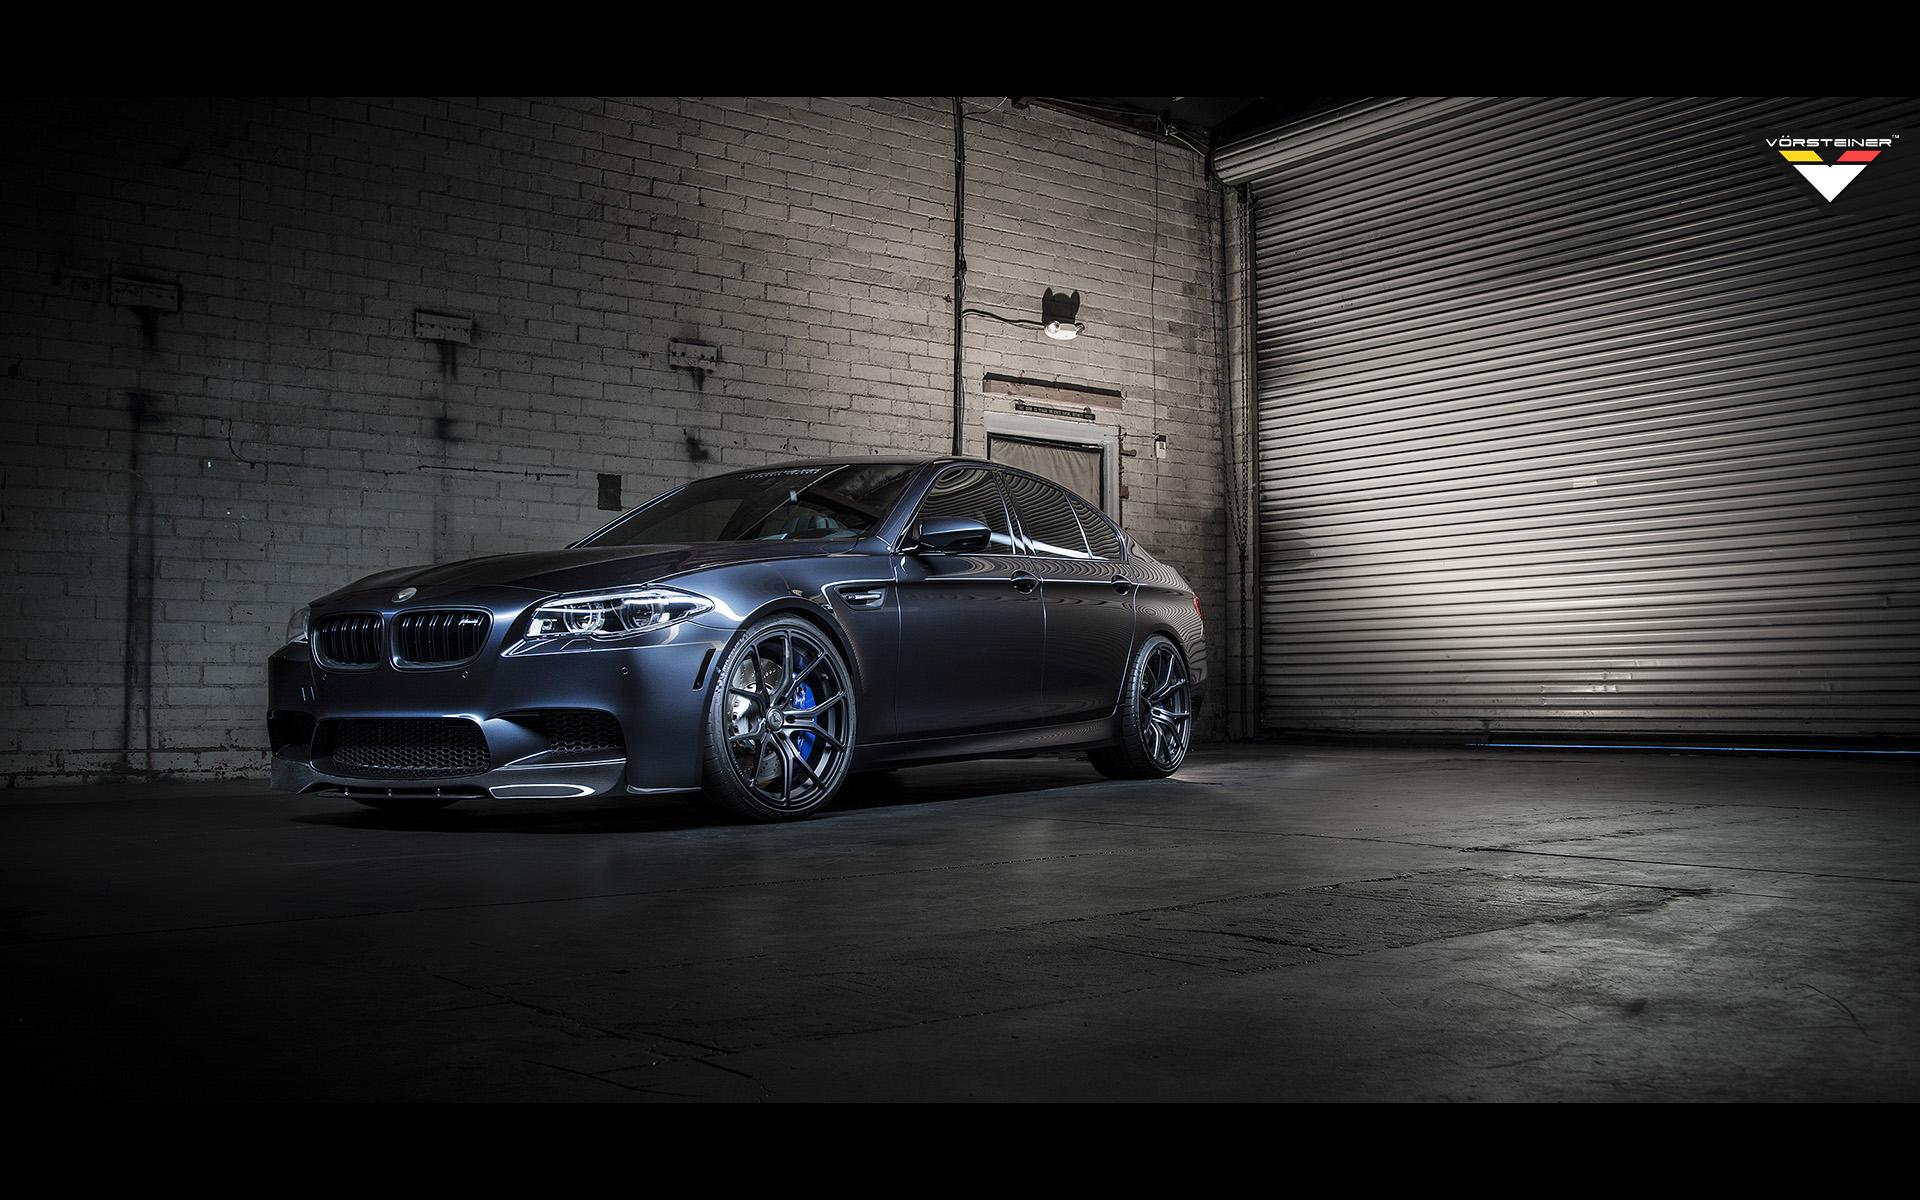 2014 Vorsteiner BMW F10 M5 m 5 fs wallpaper 1920x1200 194053 1920x1200